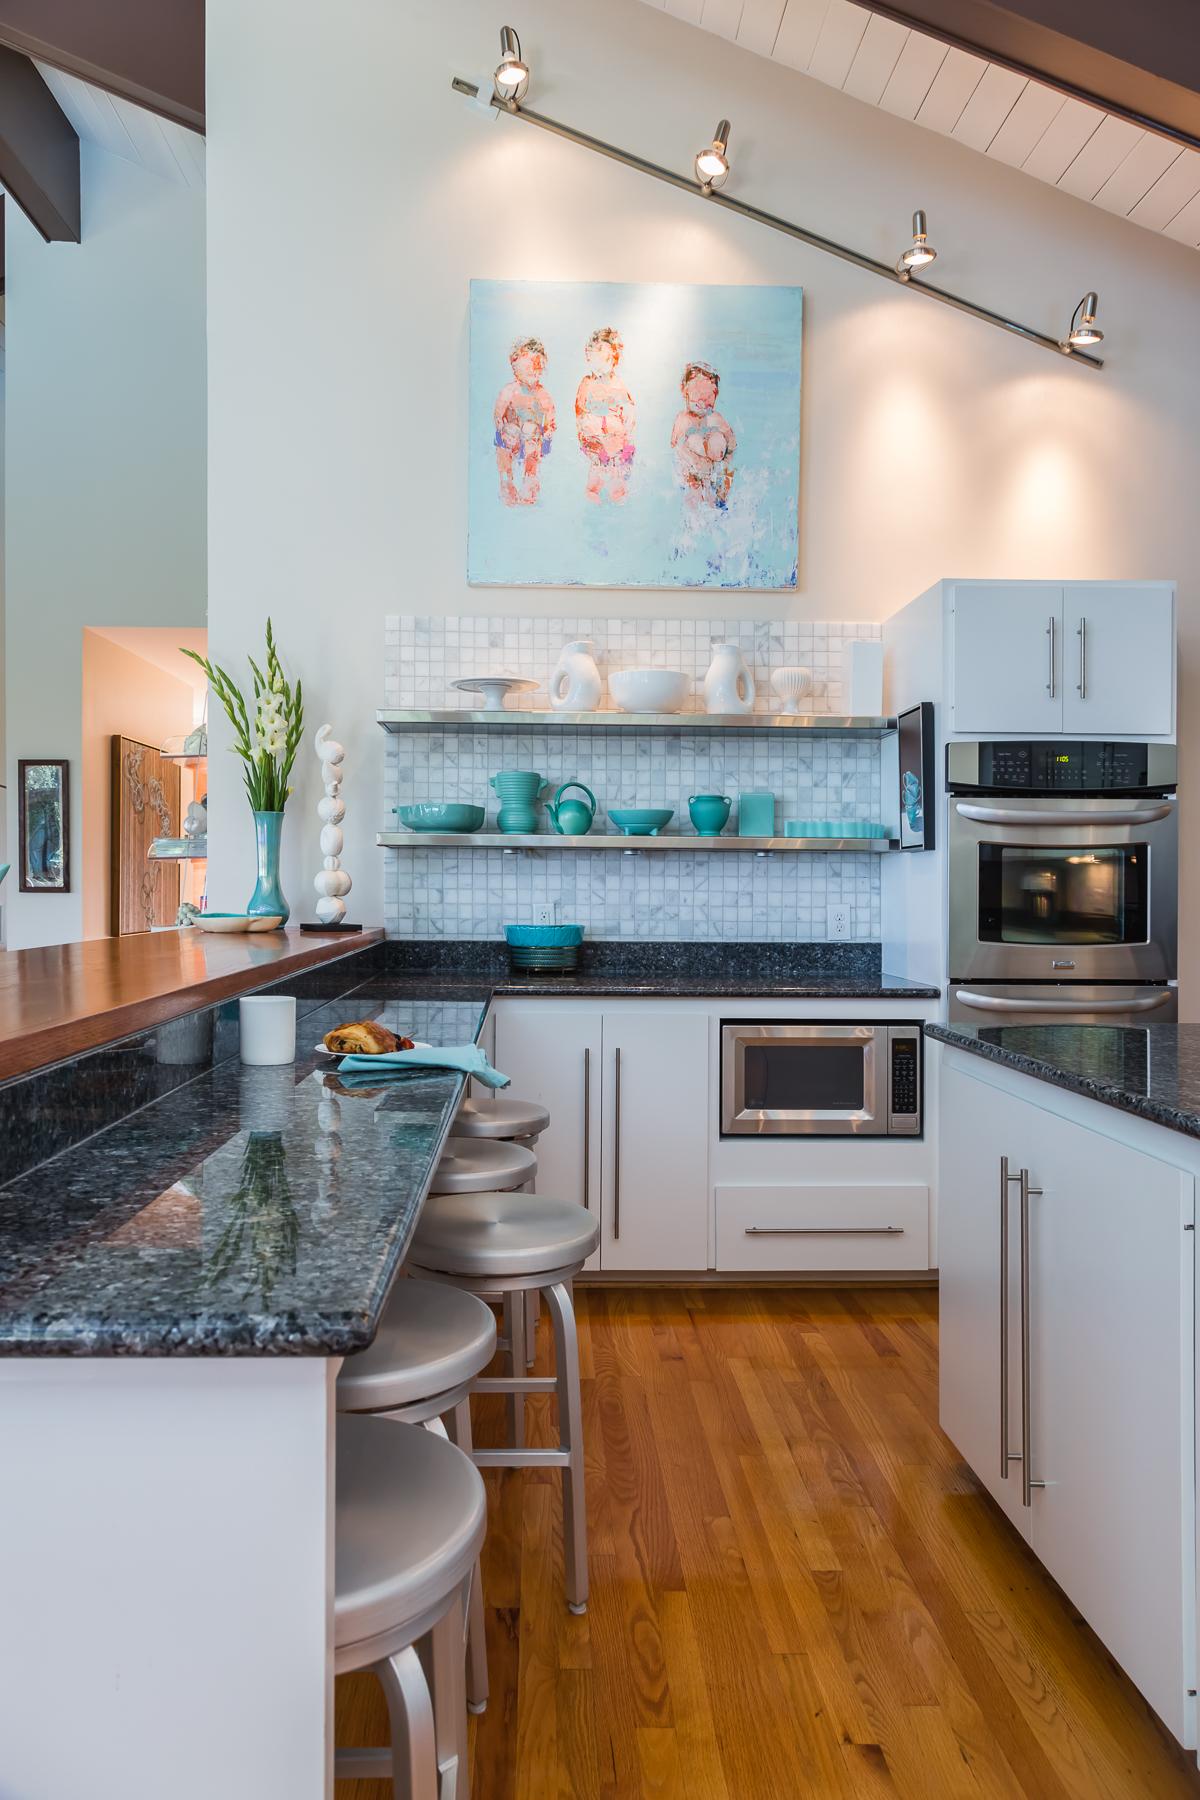 Kitchen Design - Form & Function Interior Design - Raleigh NC